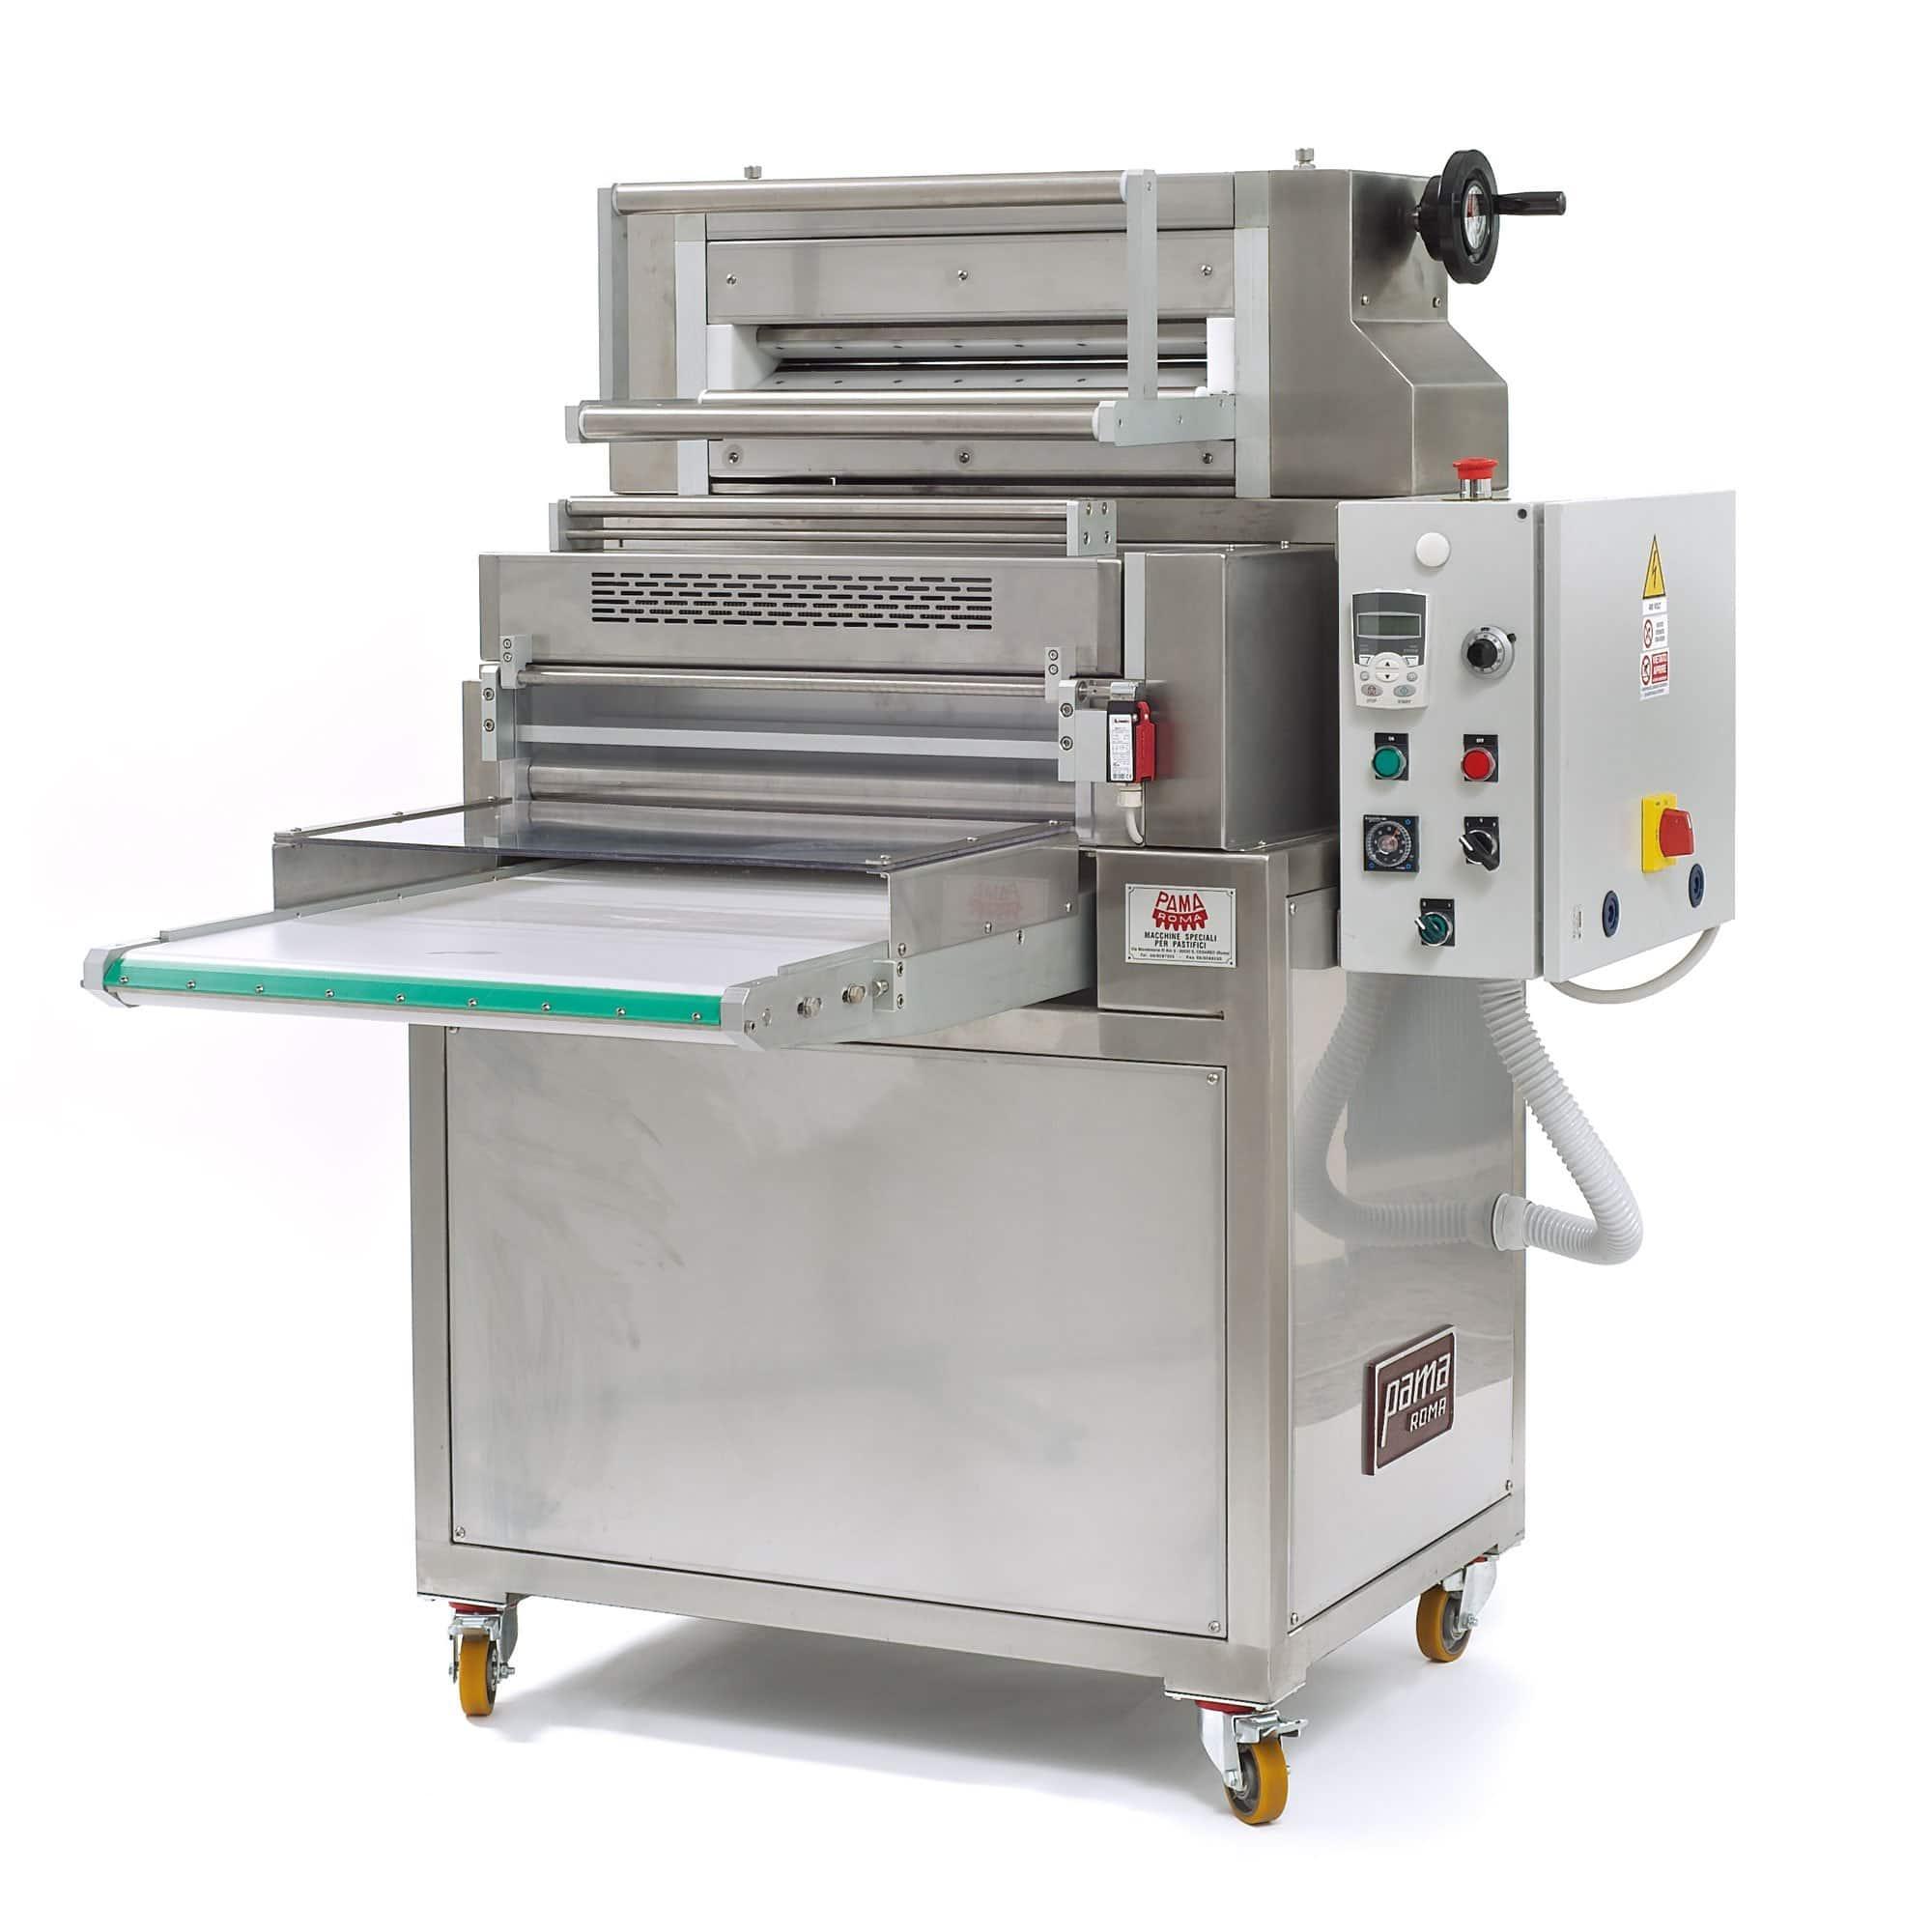 Laminoir machine à découper automatique pour le calibrage et la feuille et découpe Fettuccine, Tagliatelles, Tonnarelli, Pappardelle.